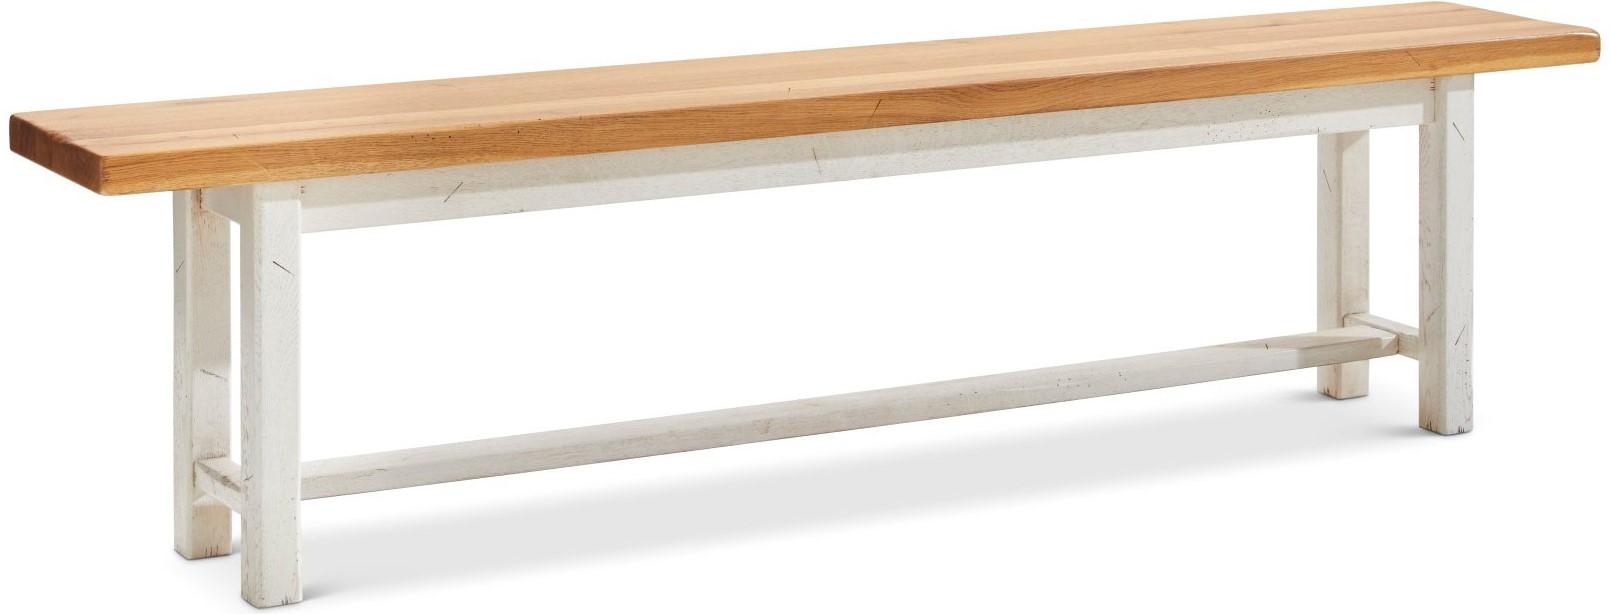 Holzbank Calverton - ca. 180 cm, ohne Lehnen, Eiche massiv